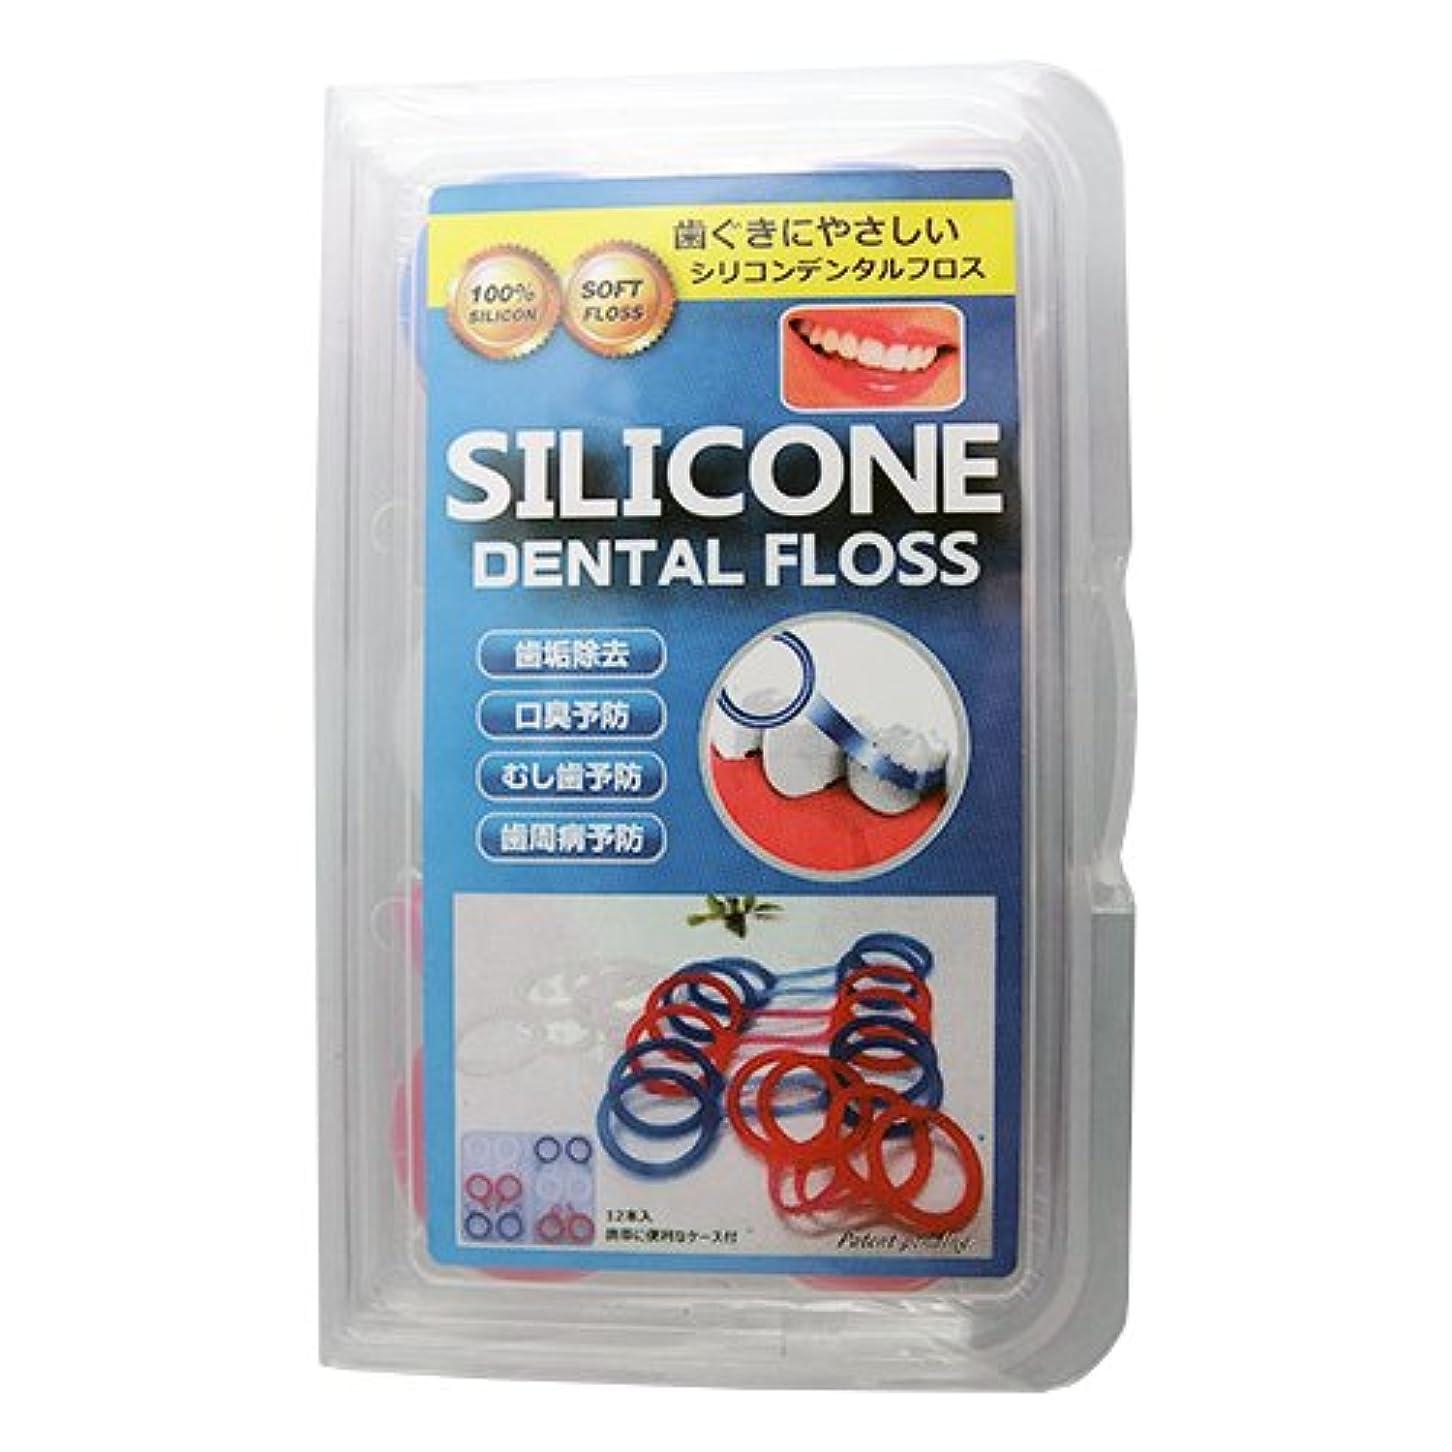 電子サンダー実証するマイクロテック シリコンデンタルフロス 1箱(12本入)